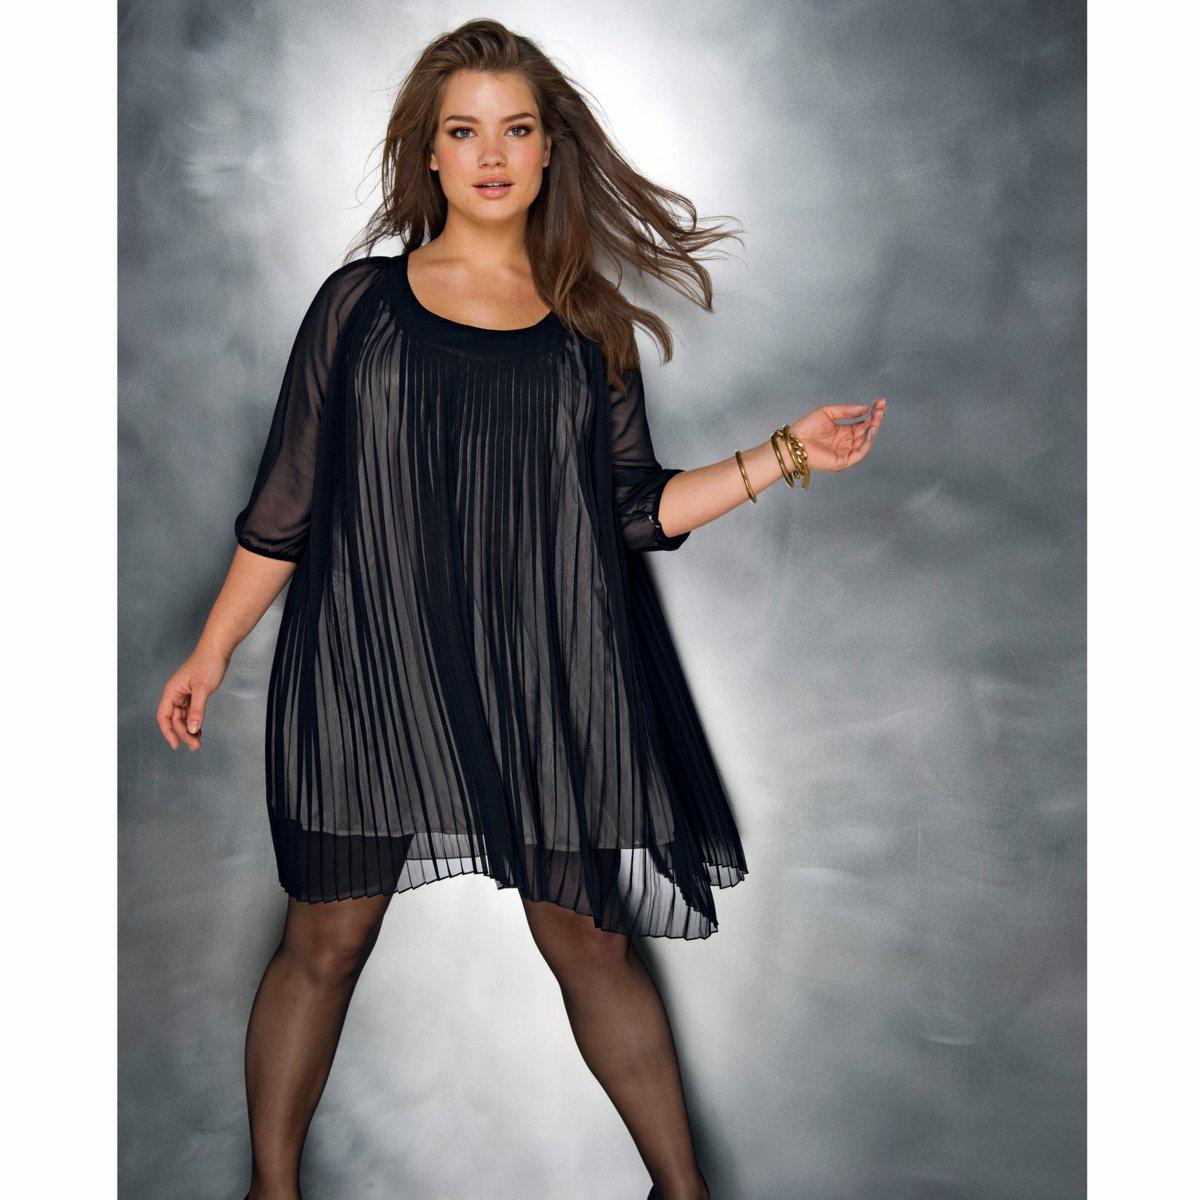 bradyna foremata 204 - Βραδυνα Φορεματα Μεγαλα Μεγεθη Φθινόπωρο 2011 κωδ. 324245144